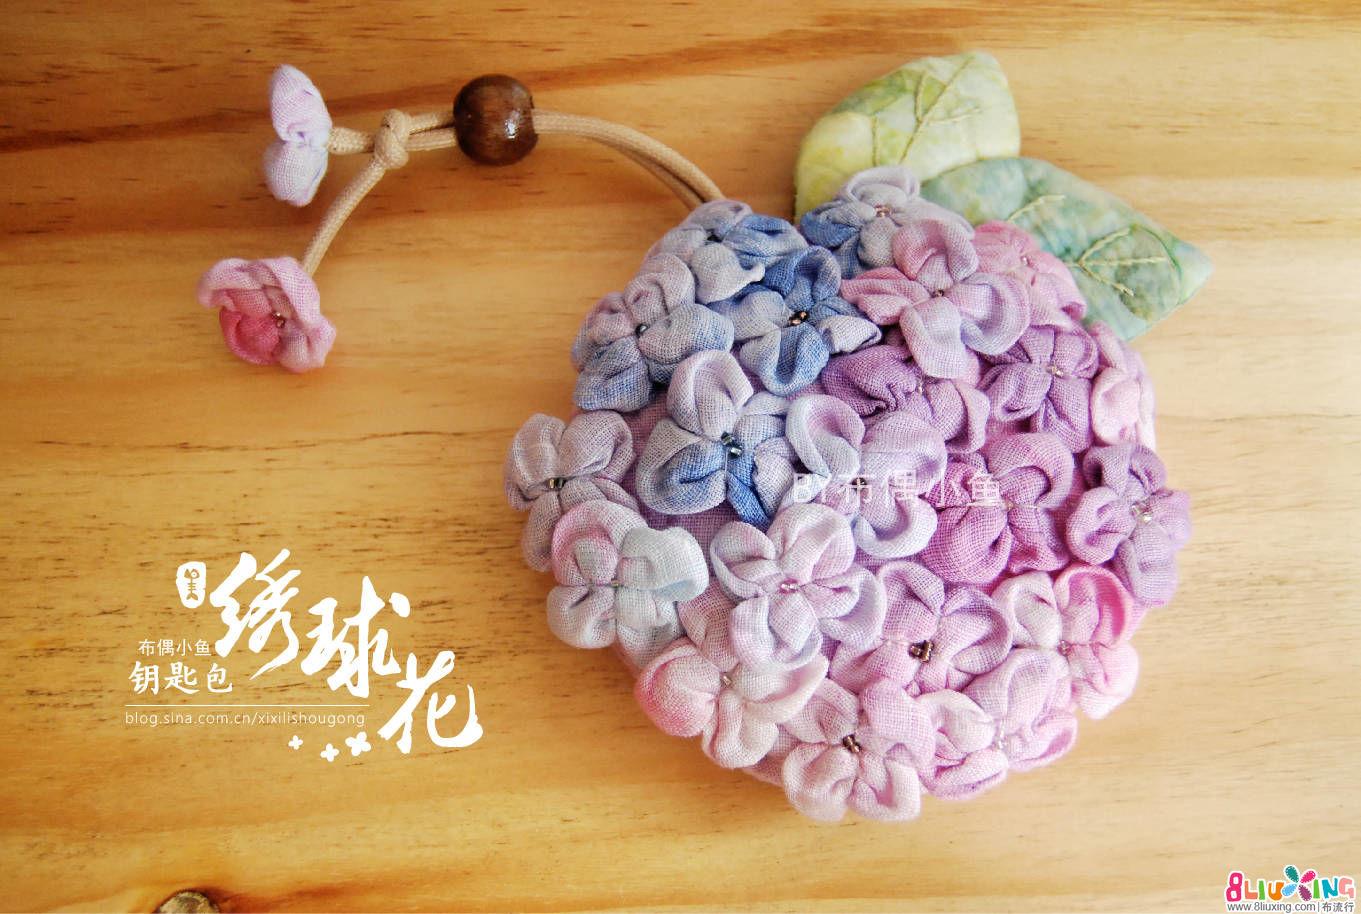 【布偶小鱼】绣球花钥匙包-附绣球花瓣的做法